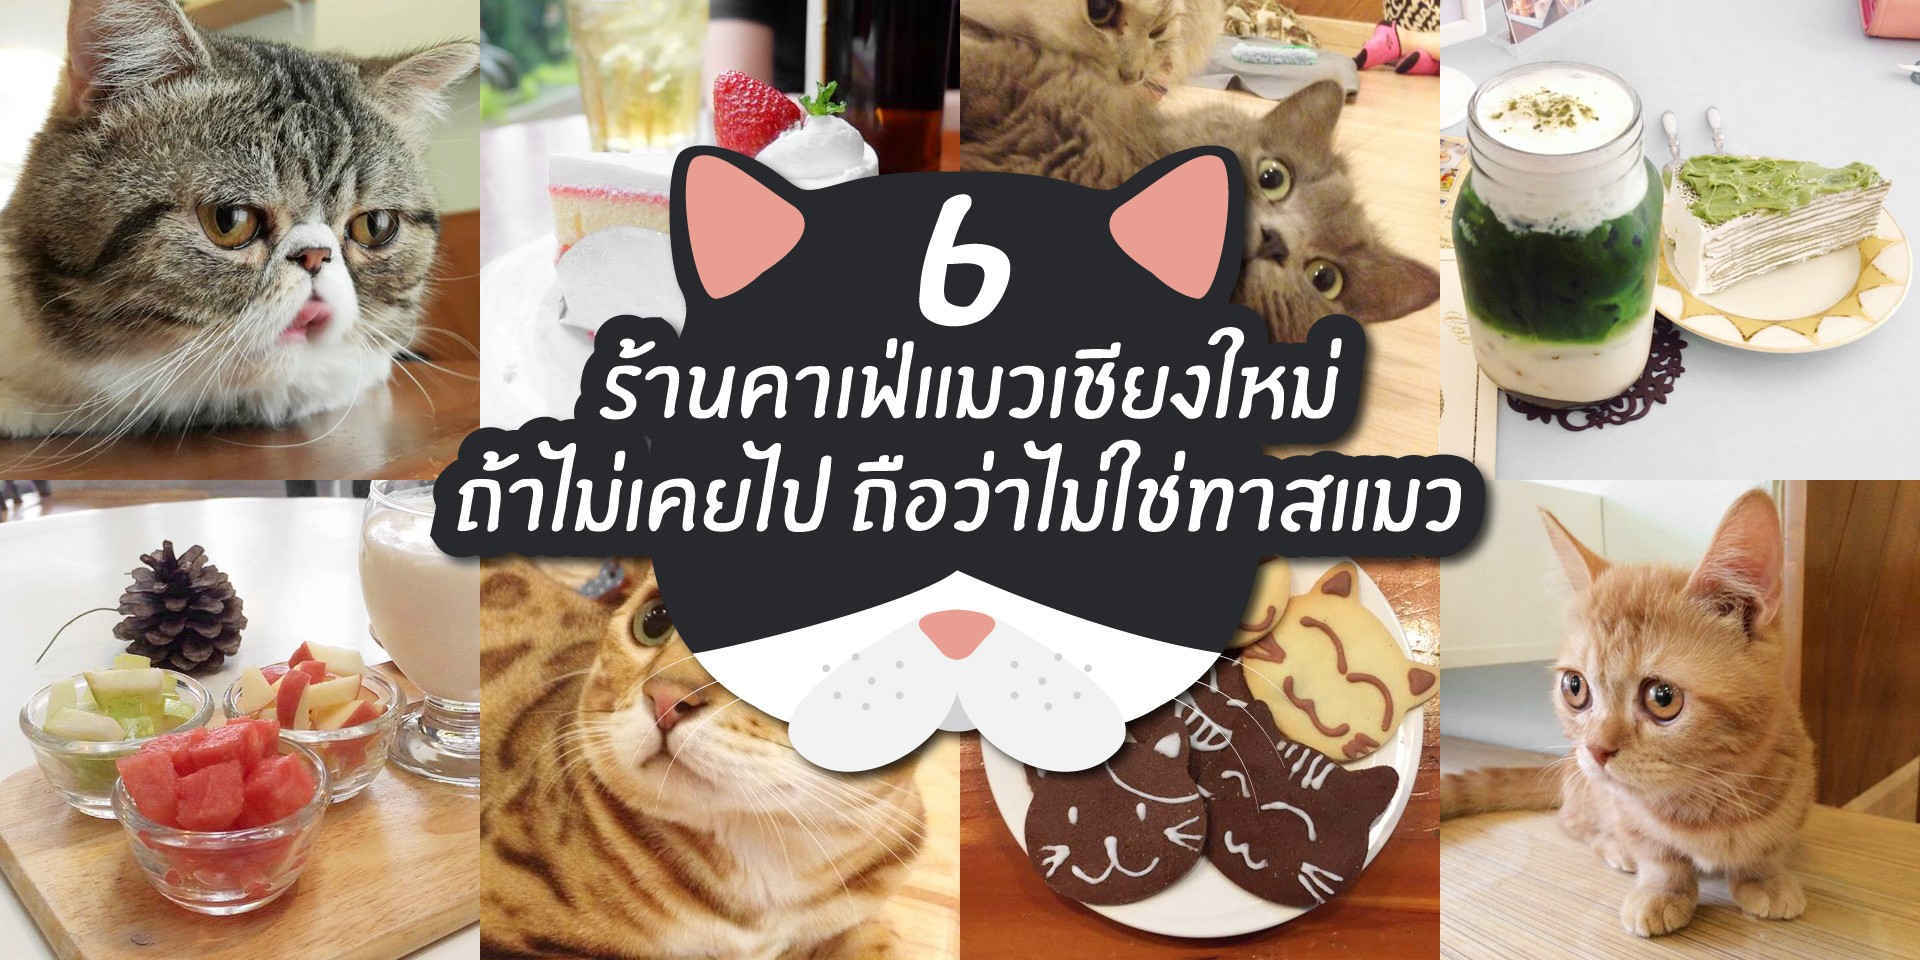 6 ร้านคาเฟ่แมวเชียงใหม่ ถ้าไม่เคยไป ถือว่าไม่ใช่ทาสแมว